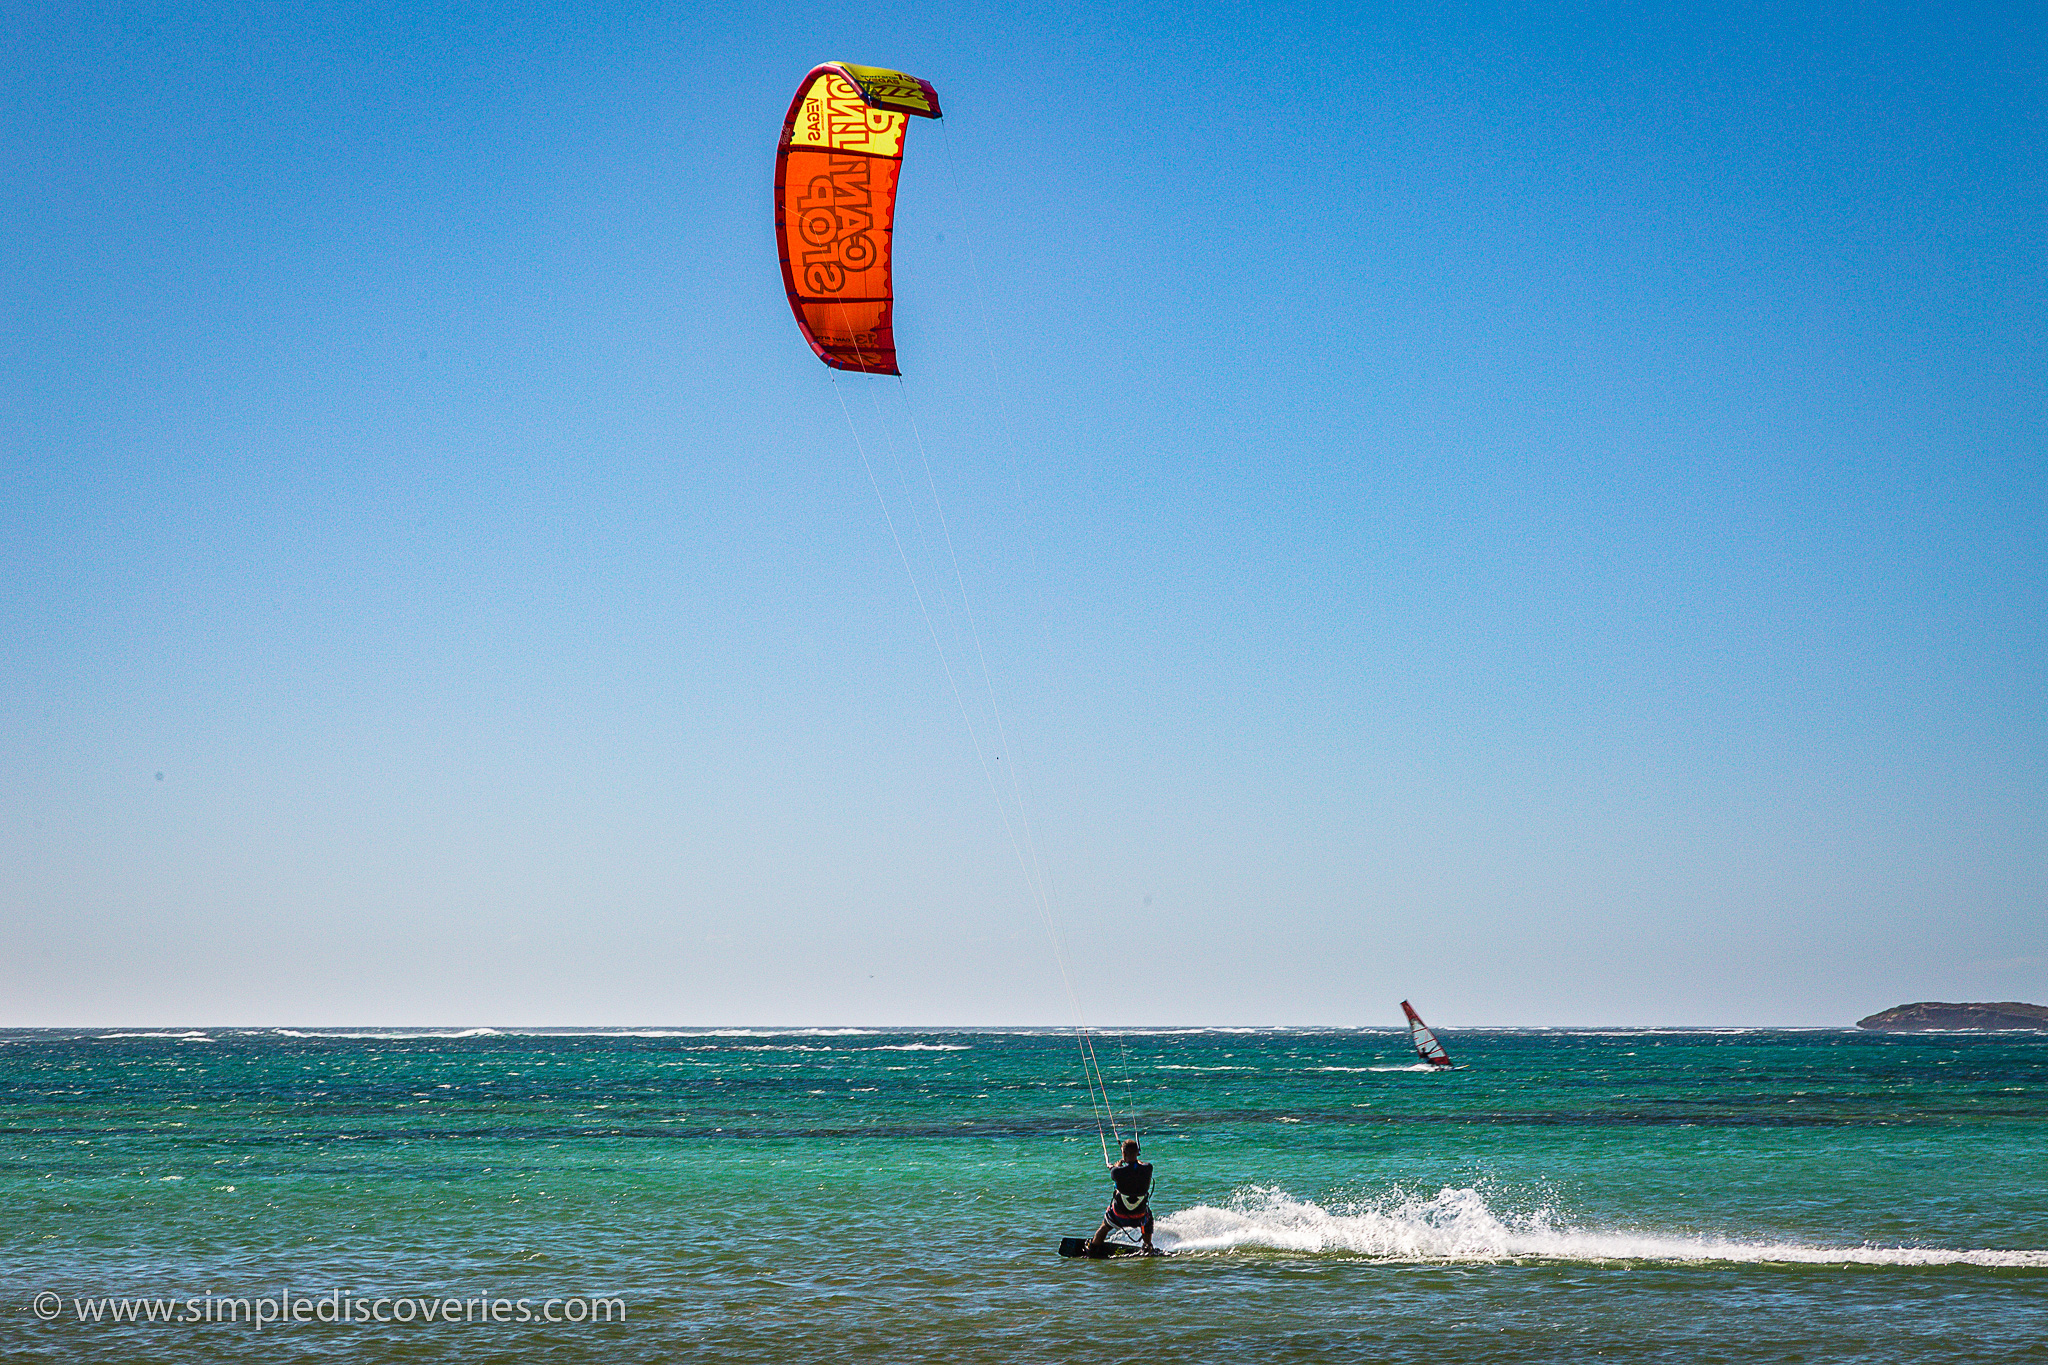 kite_boarding_australia